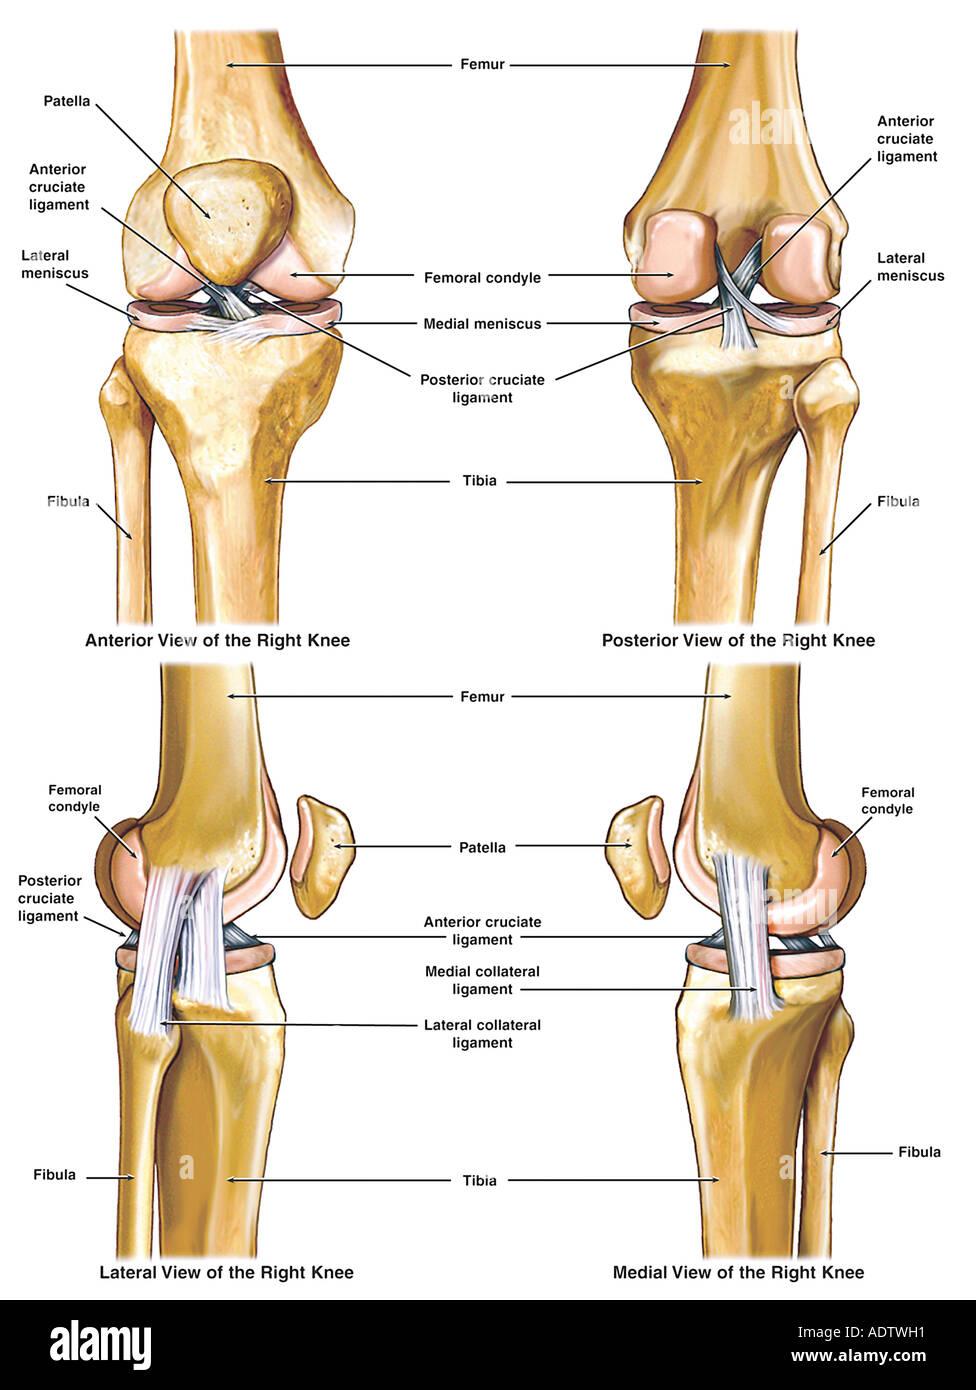 Anatomie des Knies Stockfoto, Bild: 7710416 - Alamy